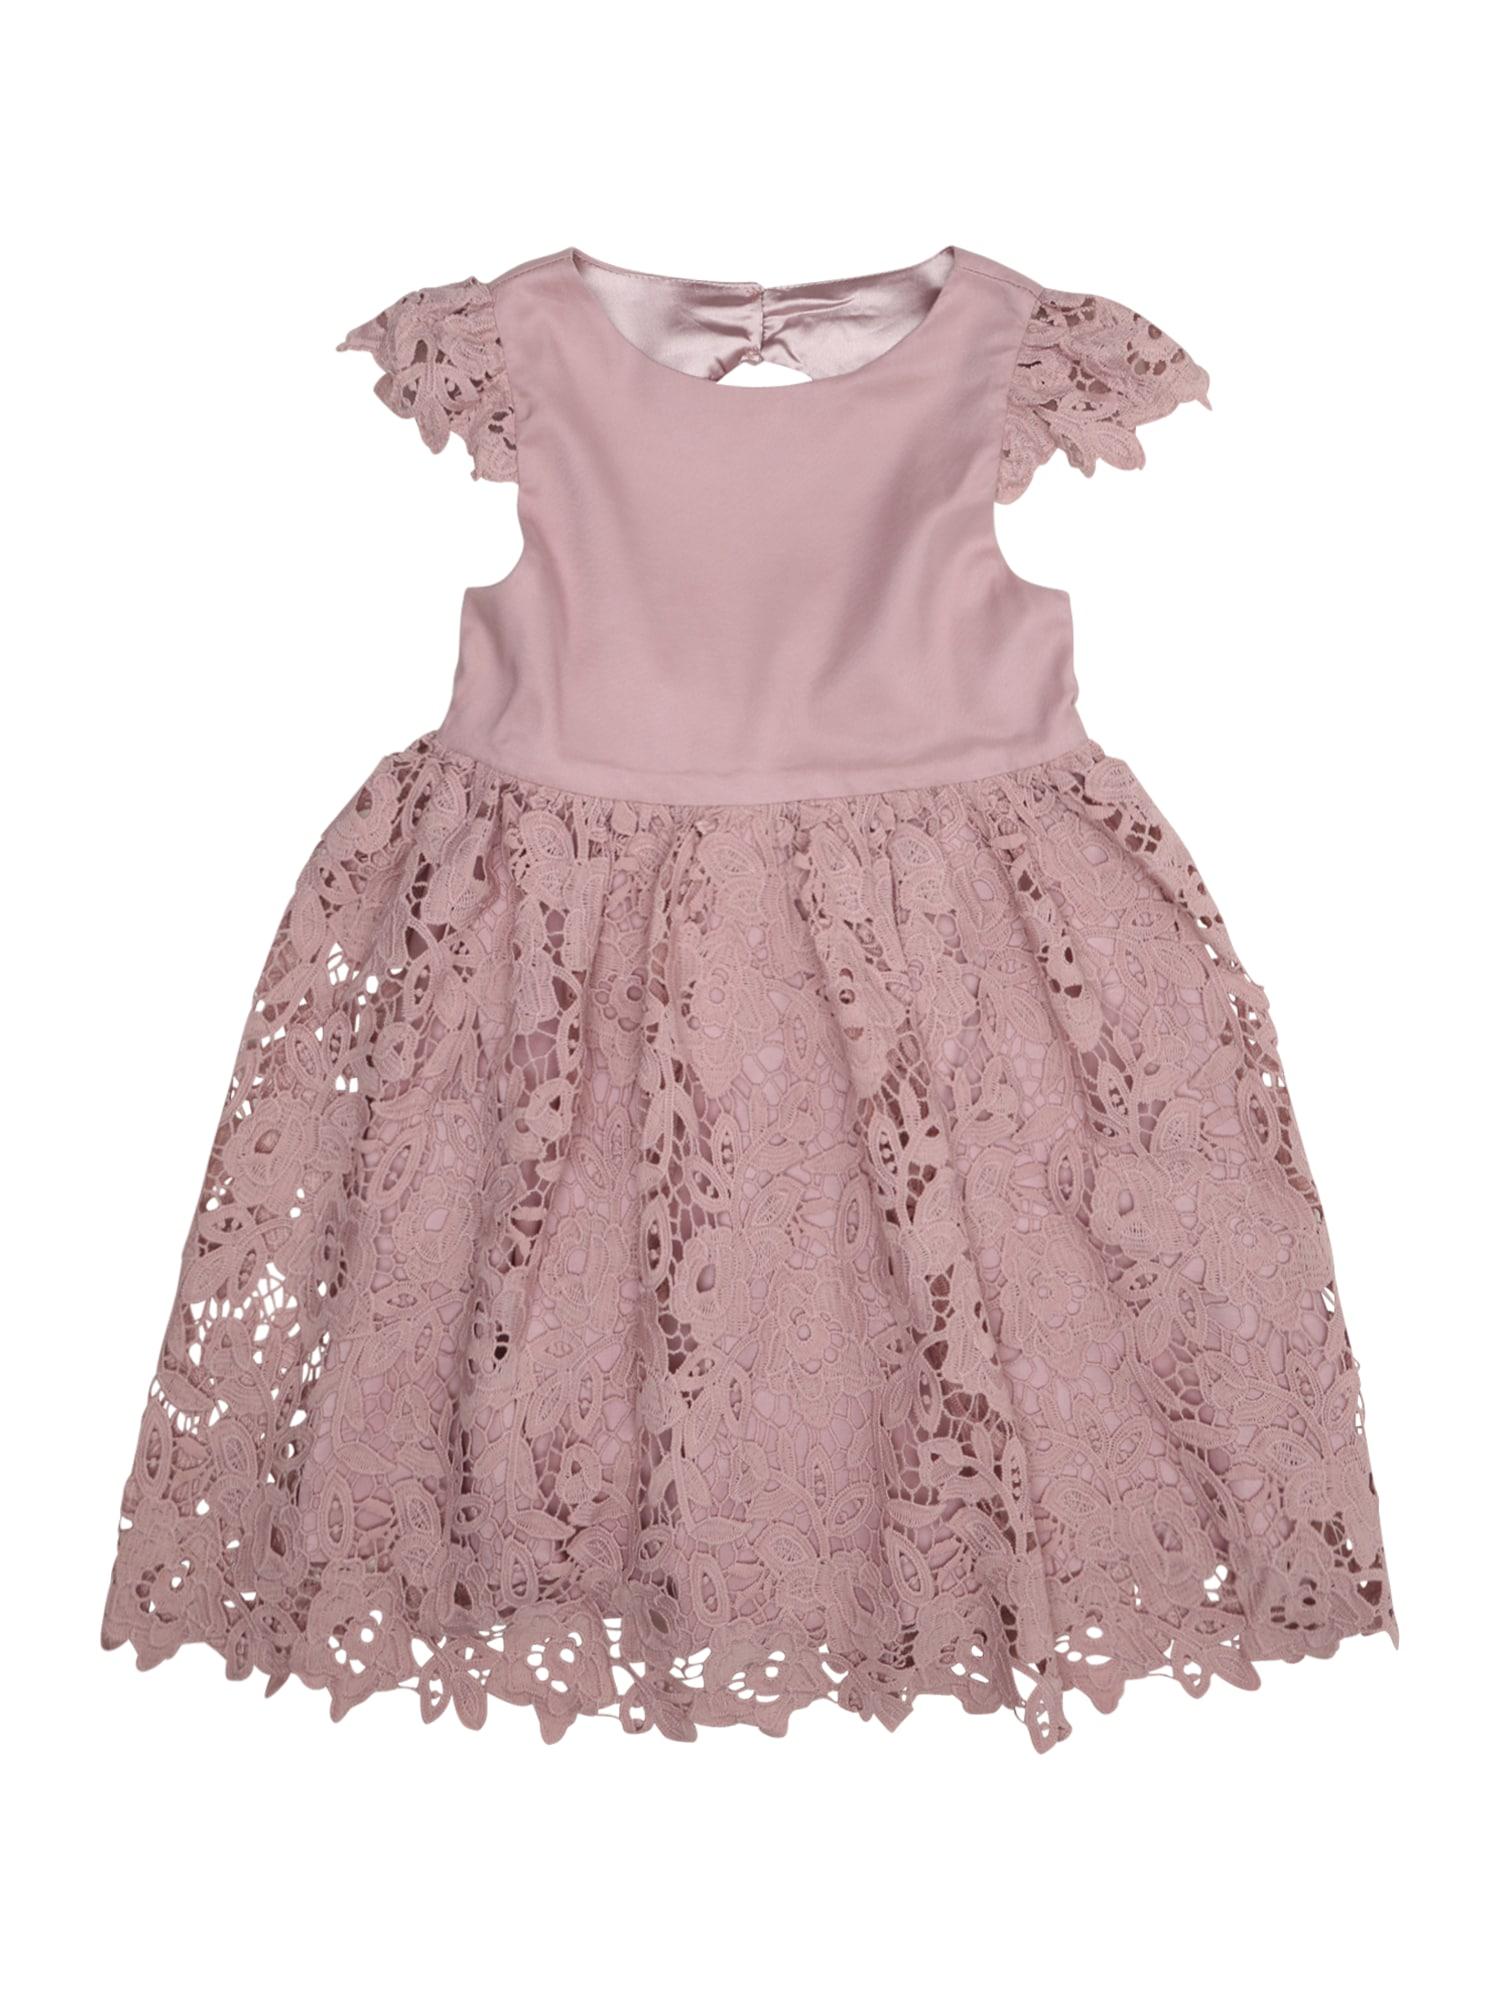 Šaty Bella růžová Chi Chi Girls